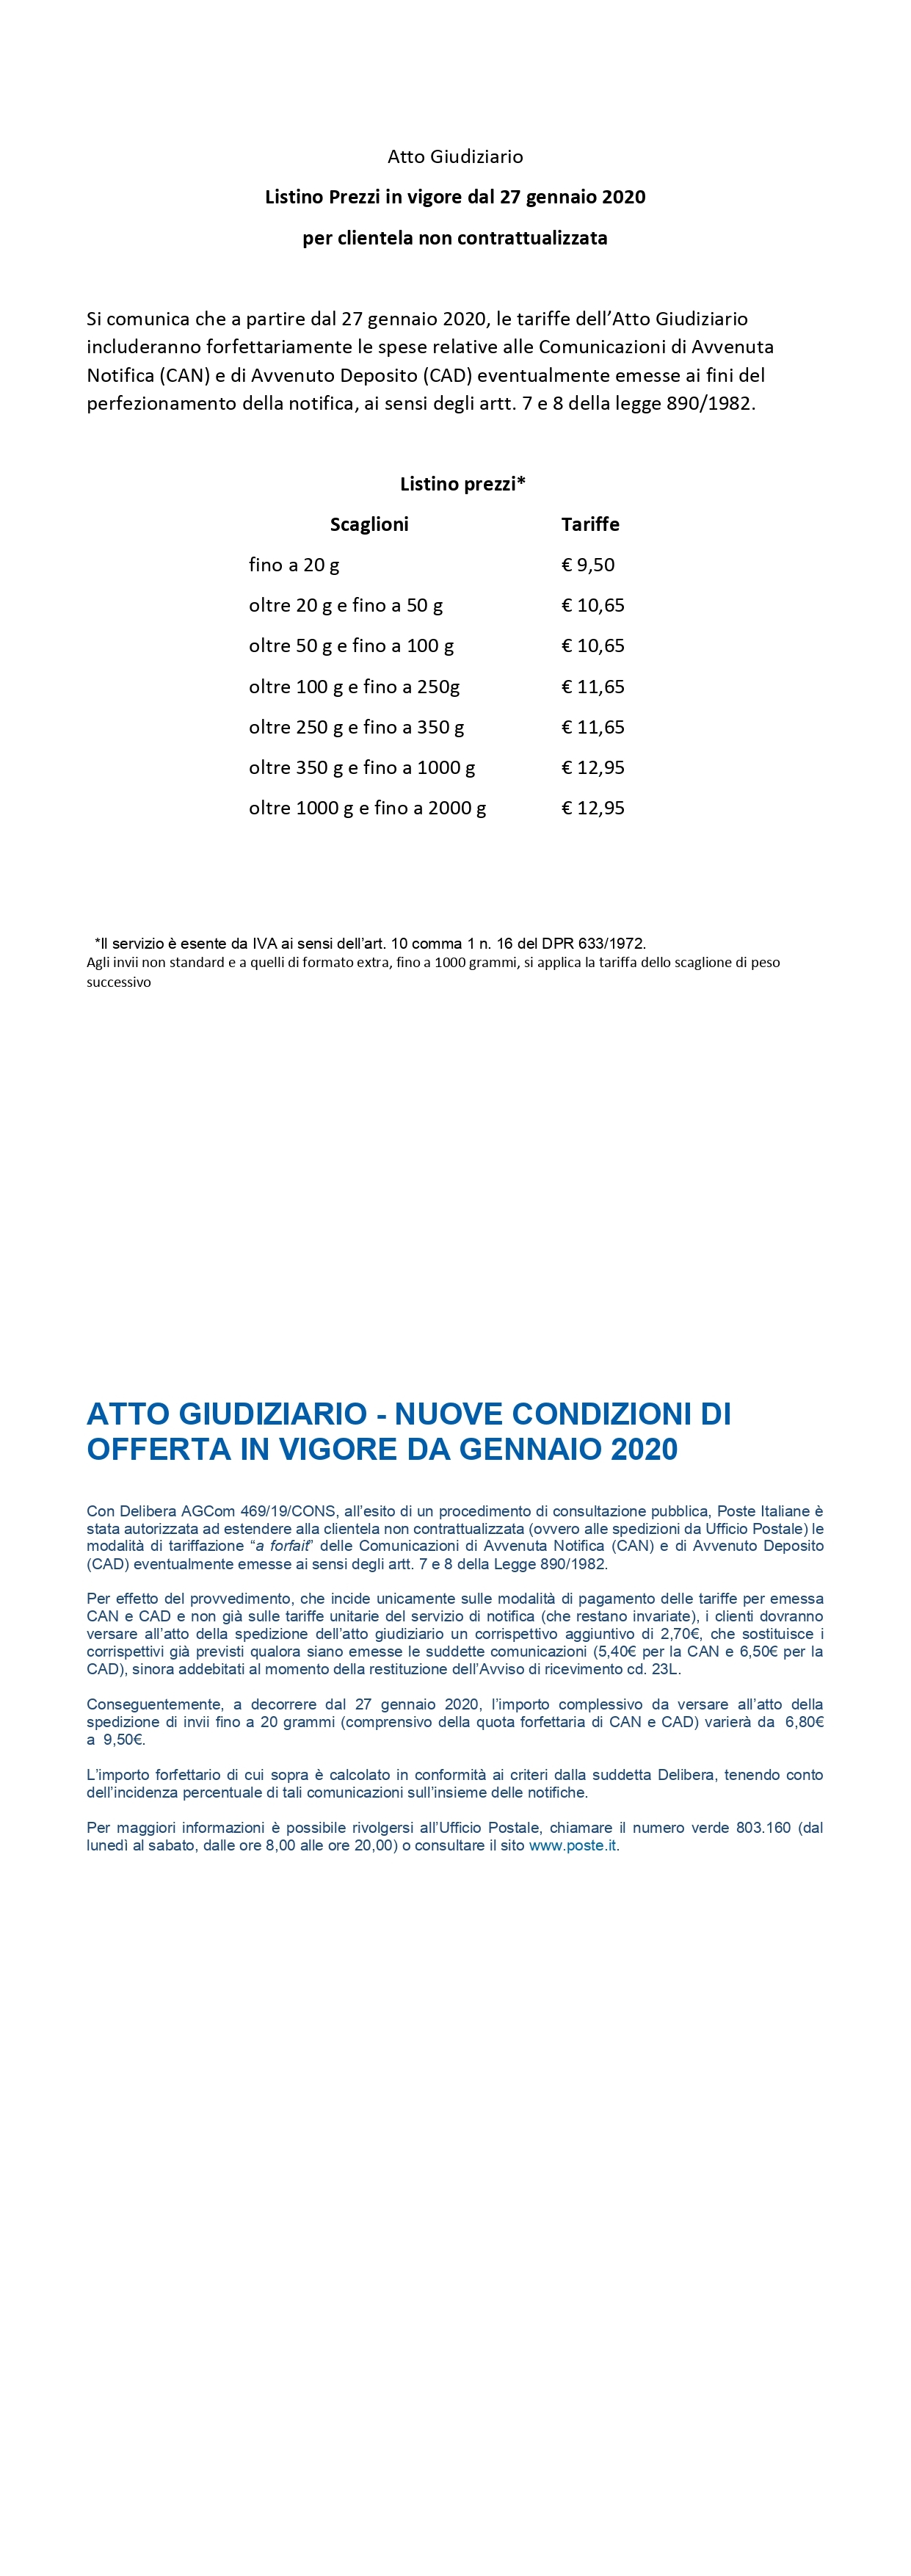 Calendario Scaglioni Ssm 2021 Notizie dall'Ordine   Ordine Avvocati di Viterbo